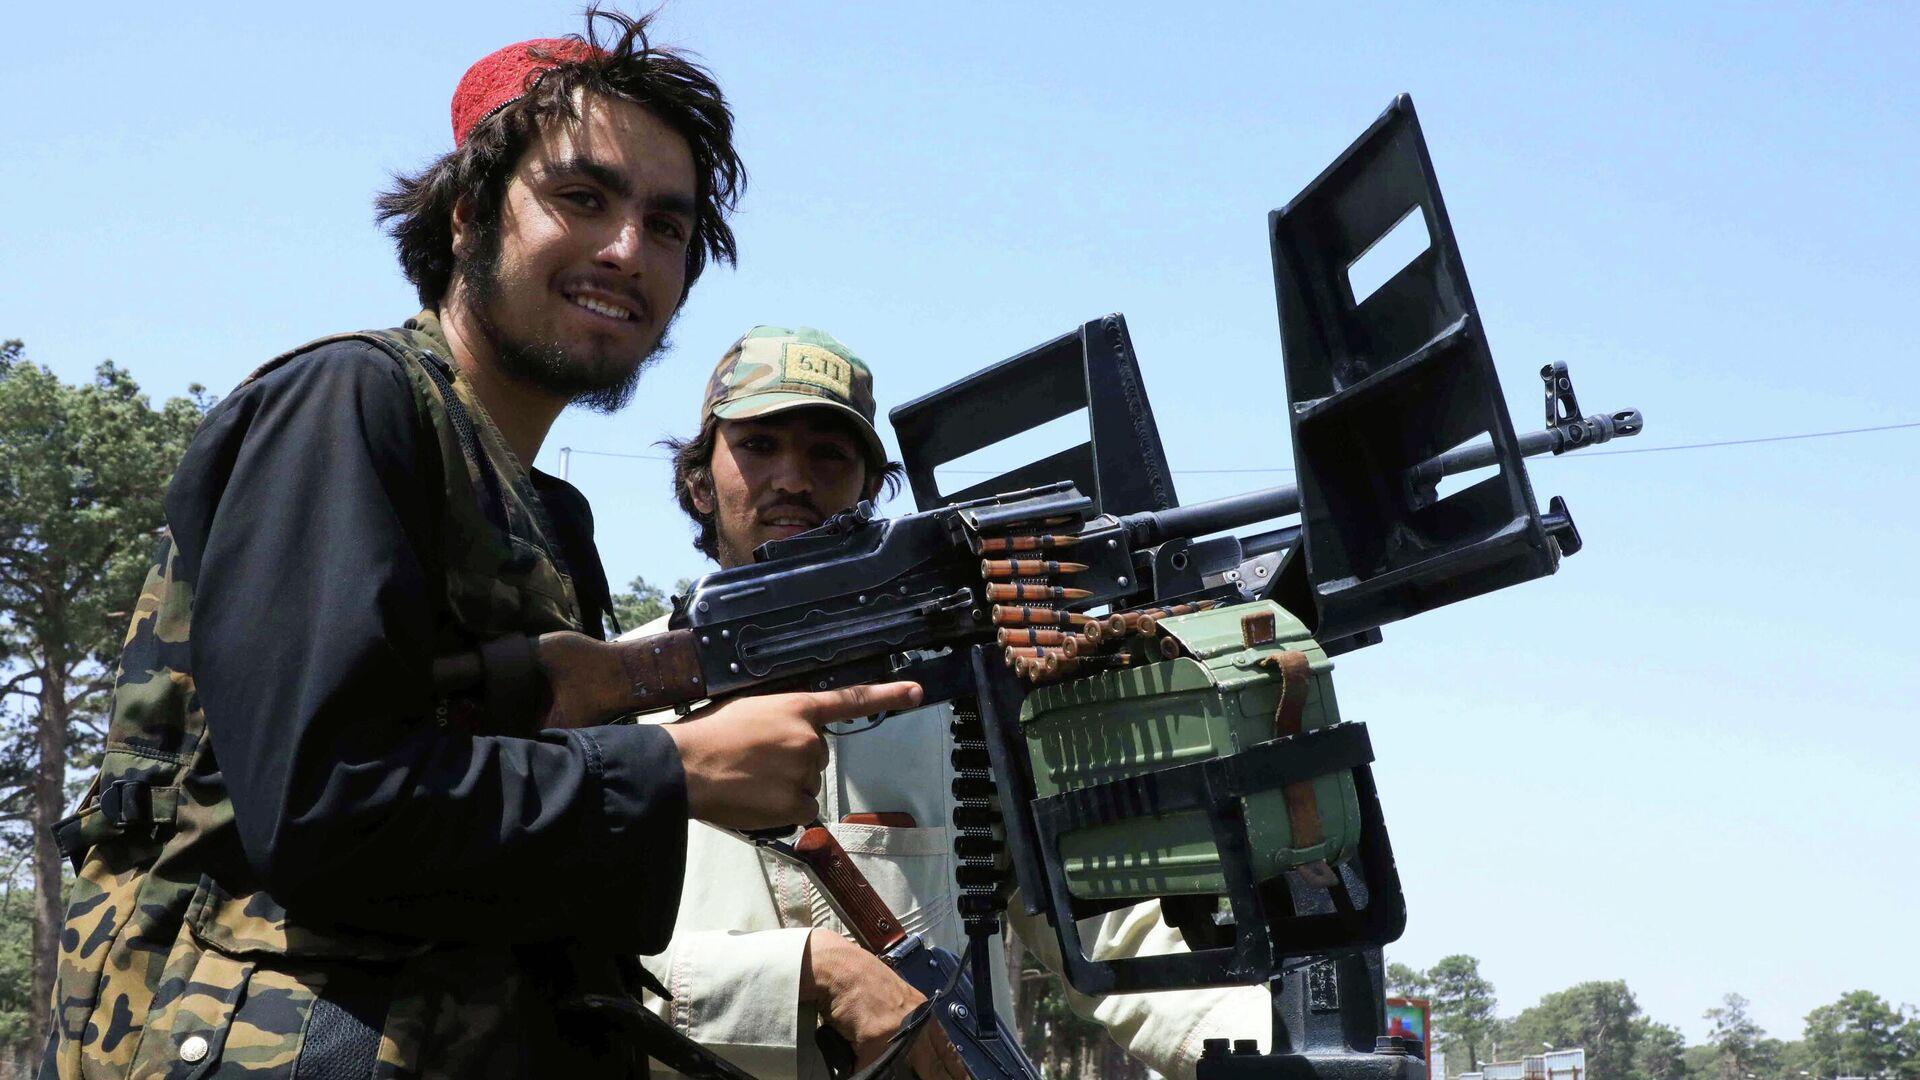 Fuerzas talibanes patrullan una calle en Herat - Sputnik Mundo, 1920, 15.08.2021